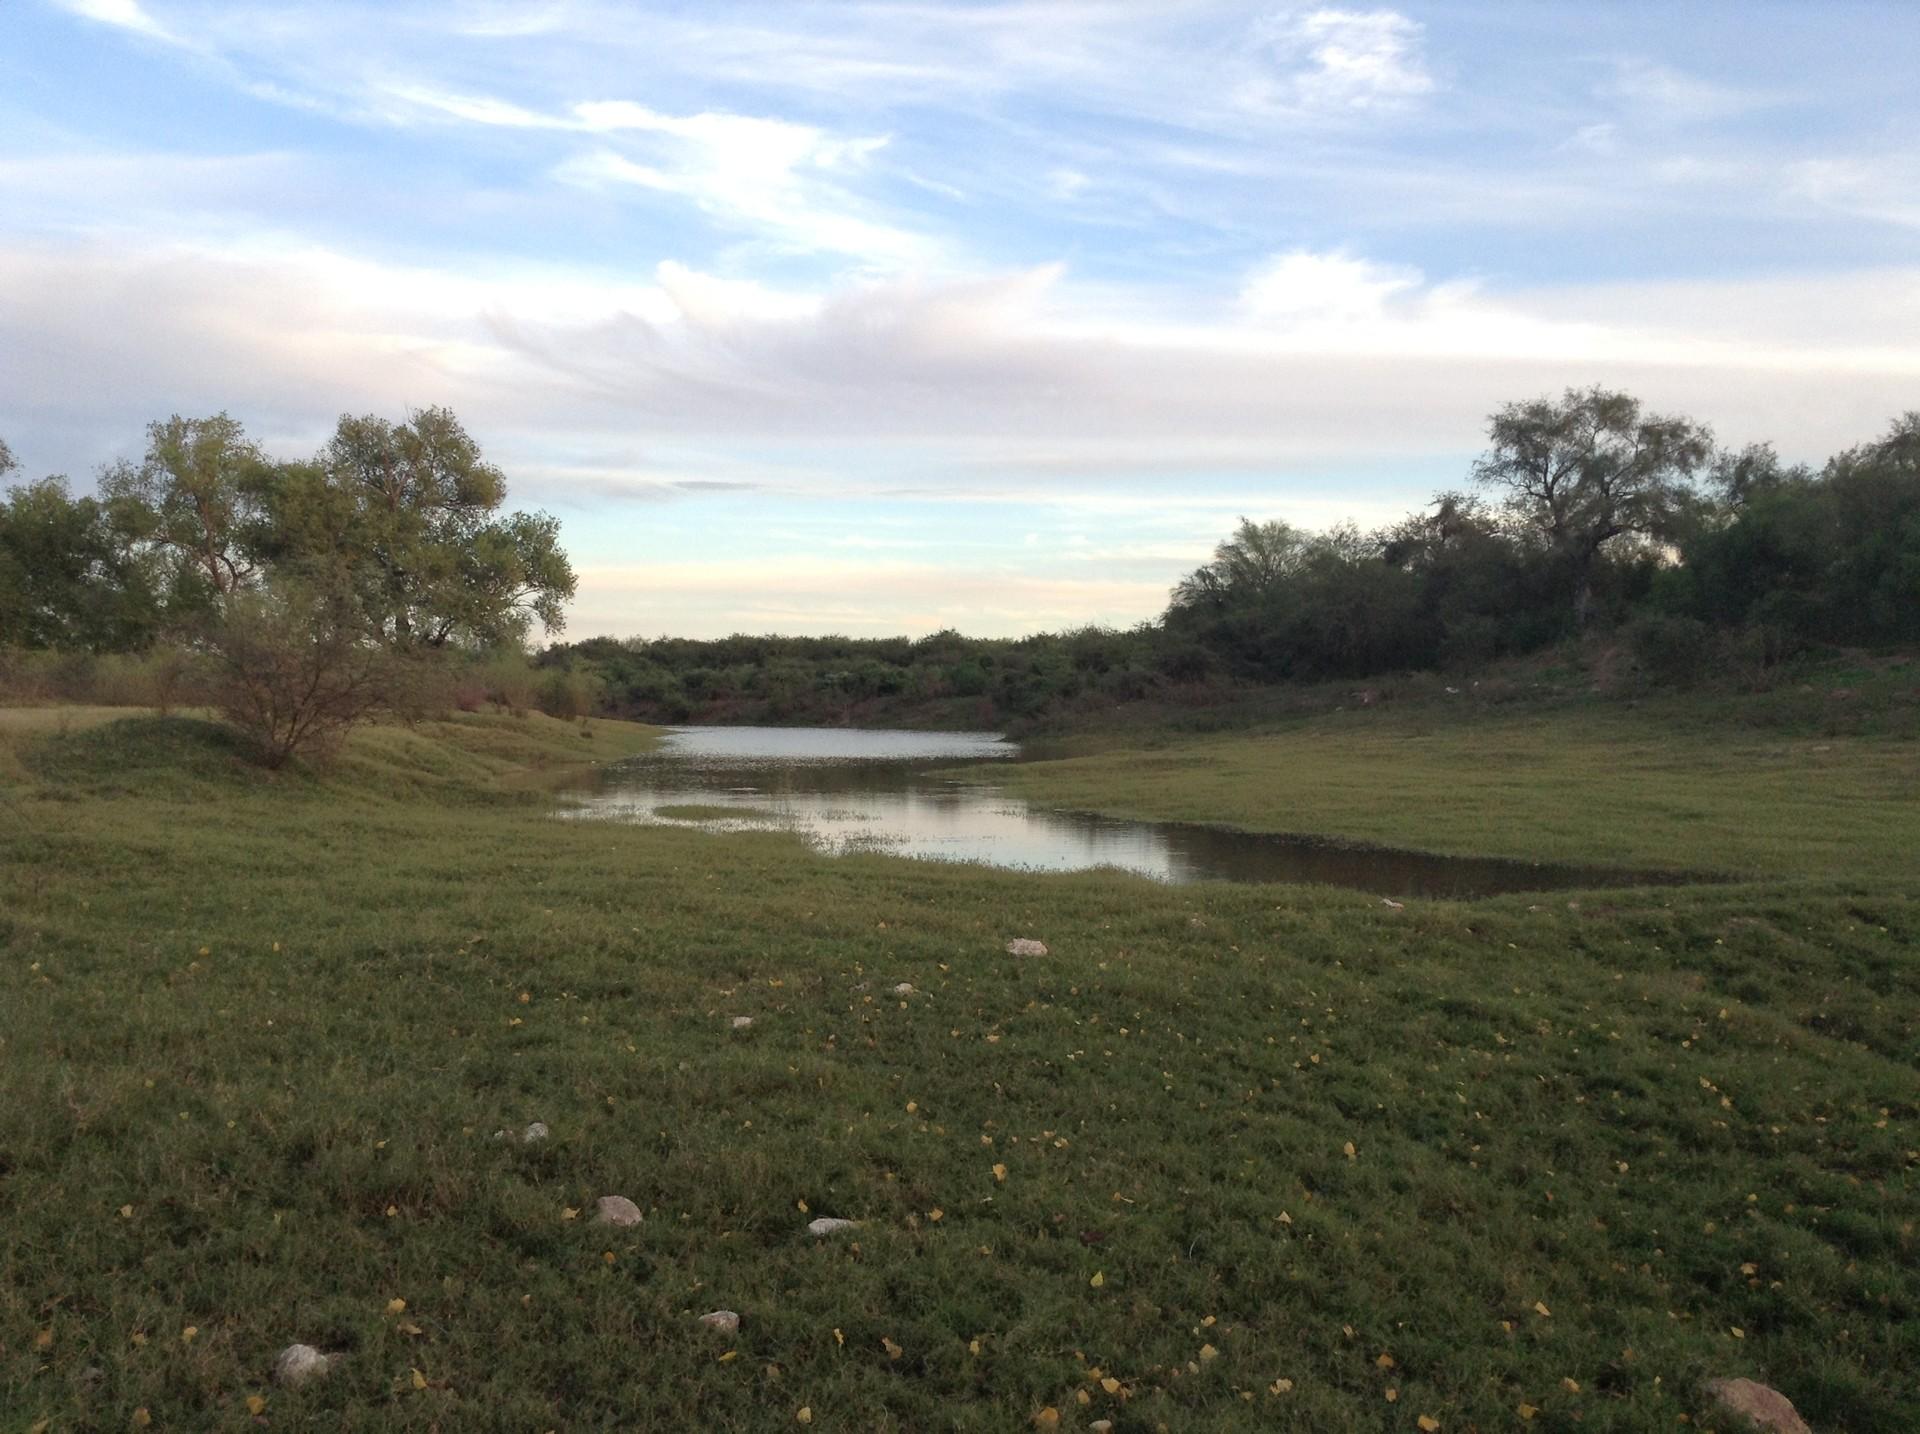 Vista del Río Yaqui, afectado por el Acueducto Independencia